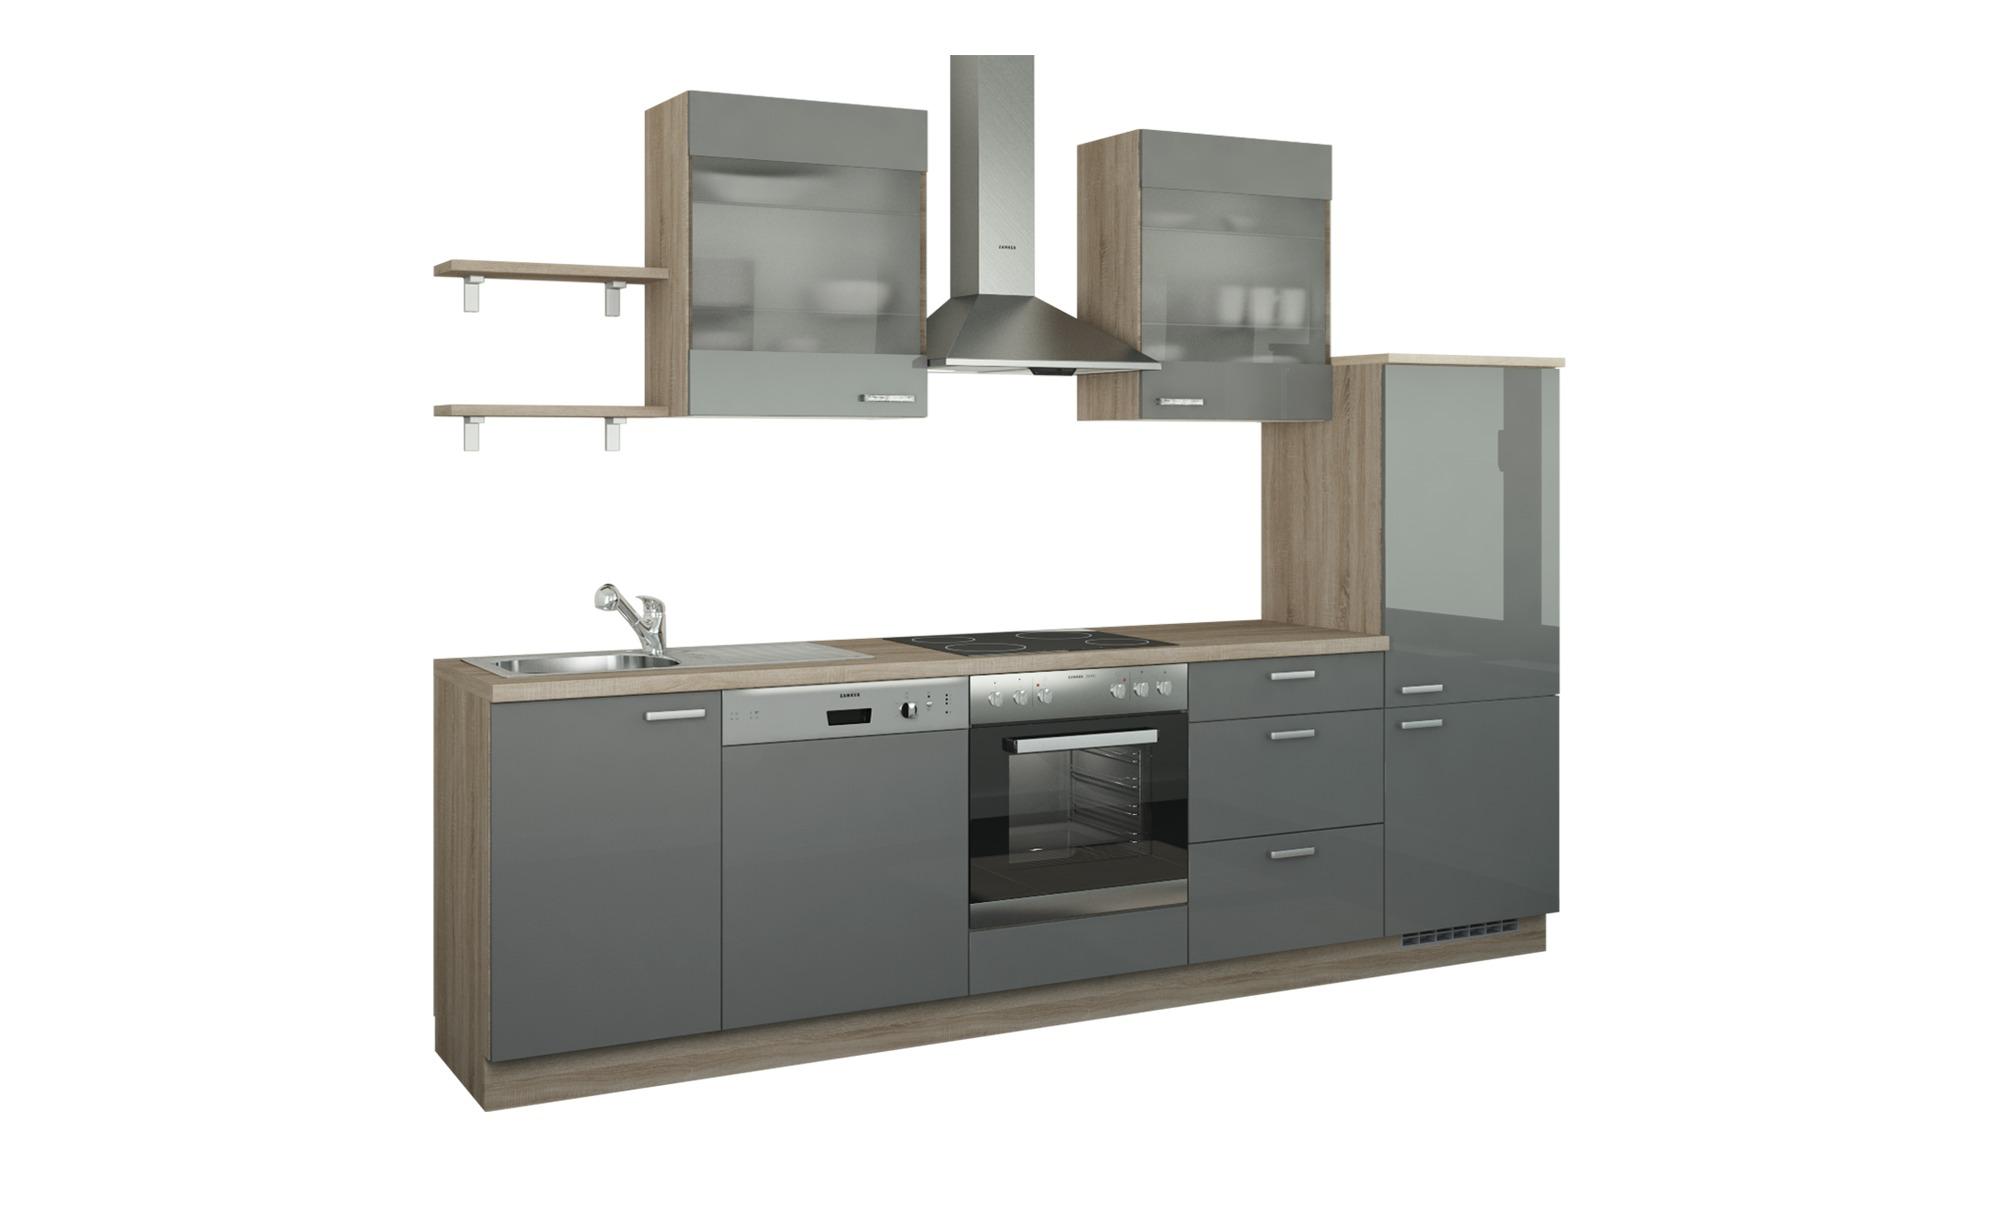 Küchenzeile ohne Elektrogeräte  Hamburg Küchen > Küchenblöcke ohne E-Geräte - Höffner